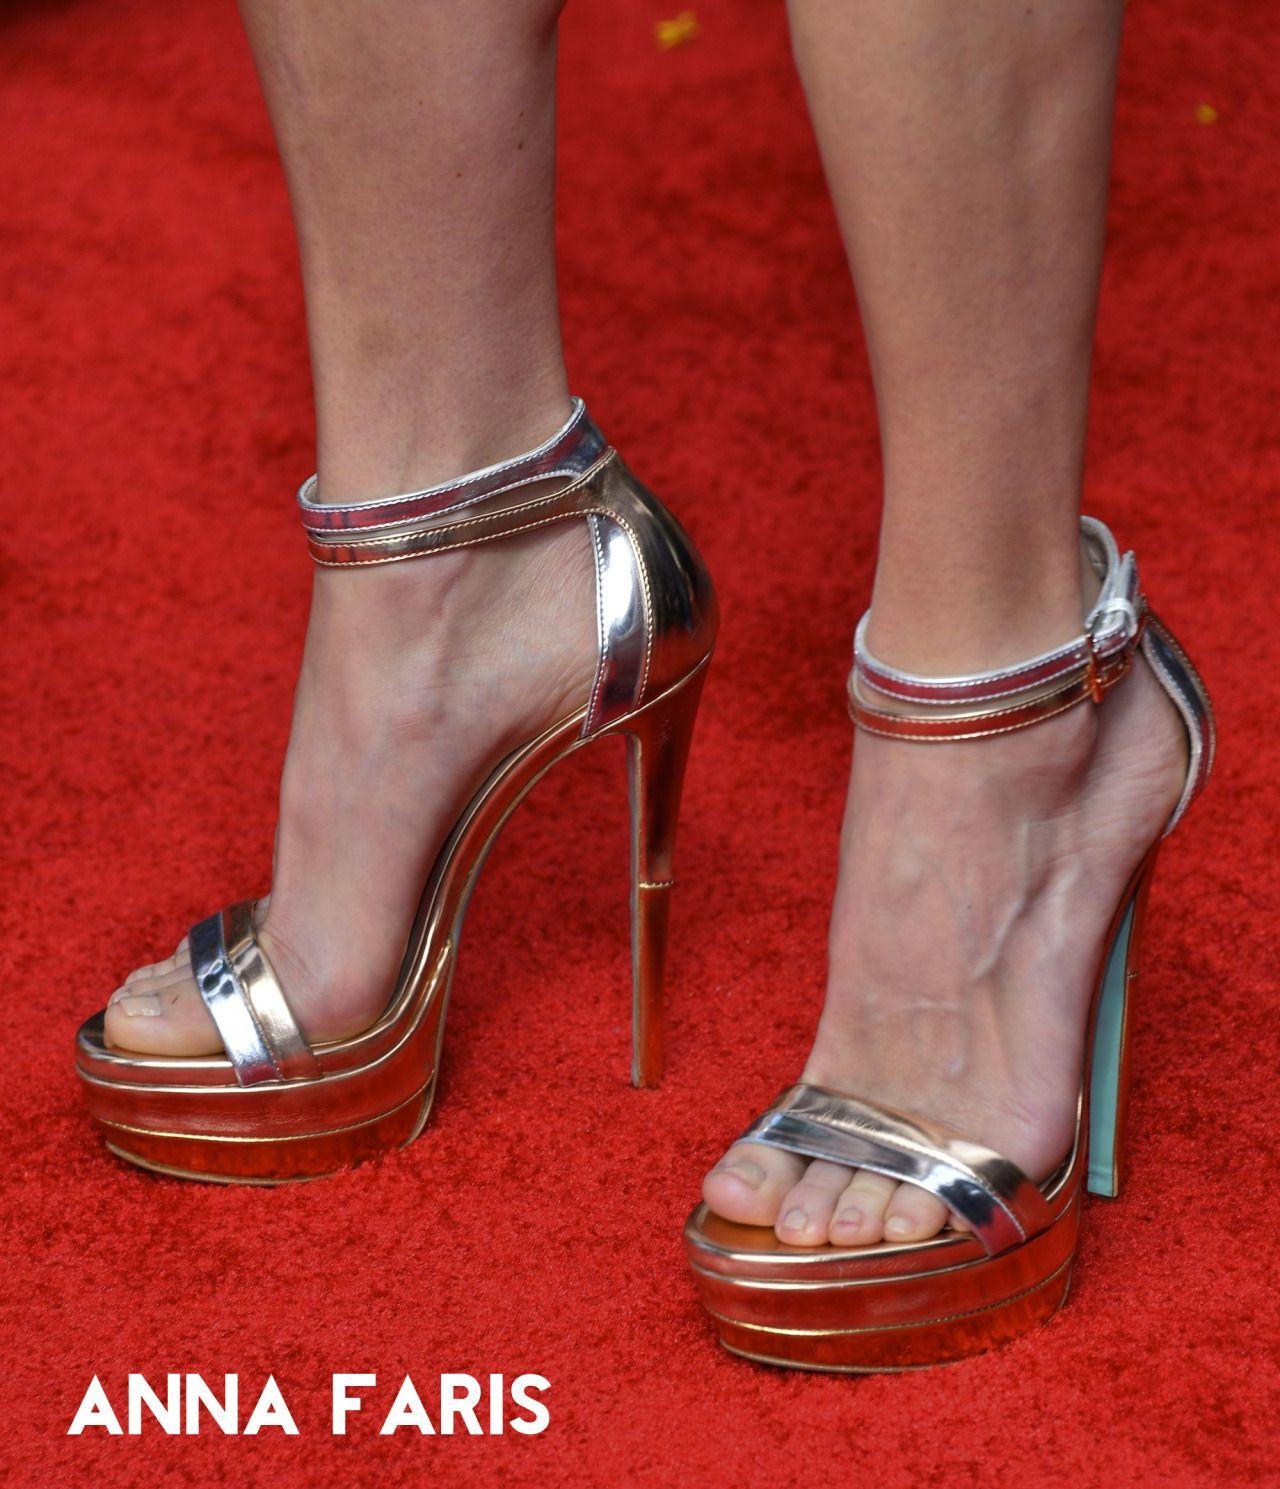 Anna faris feet feetvip heels pinterest anna faris anna faris feet feetvip voltagebd Choice Image